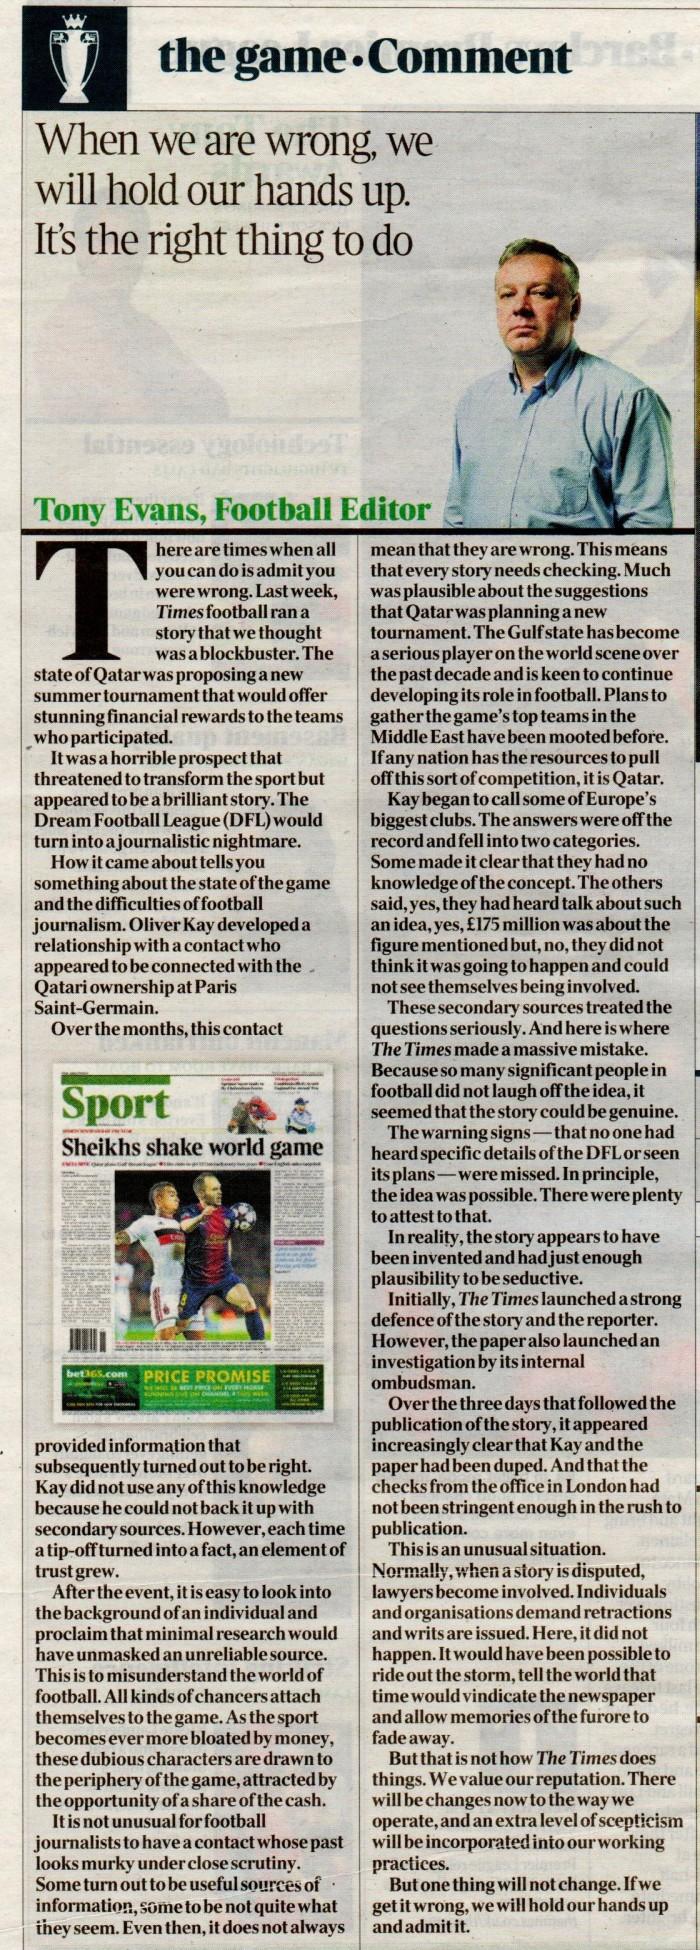 Times apology 18Mar2013